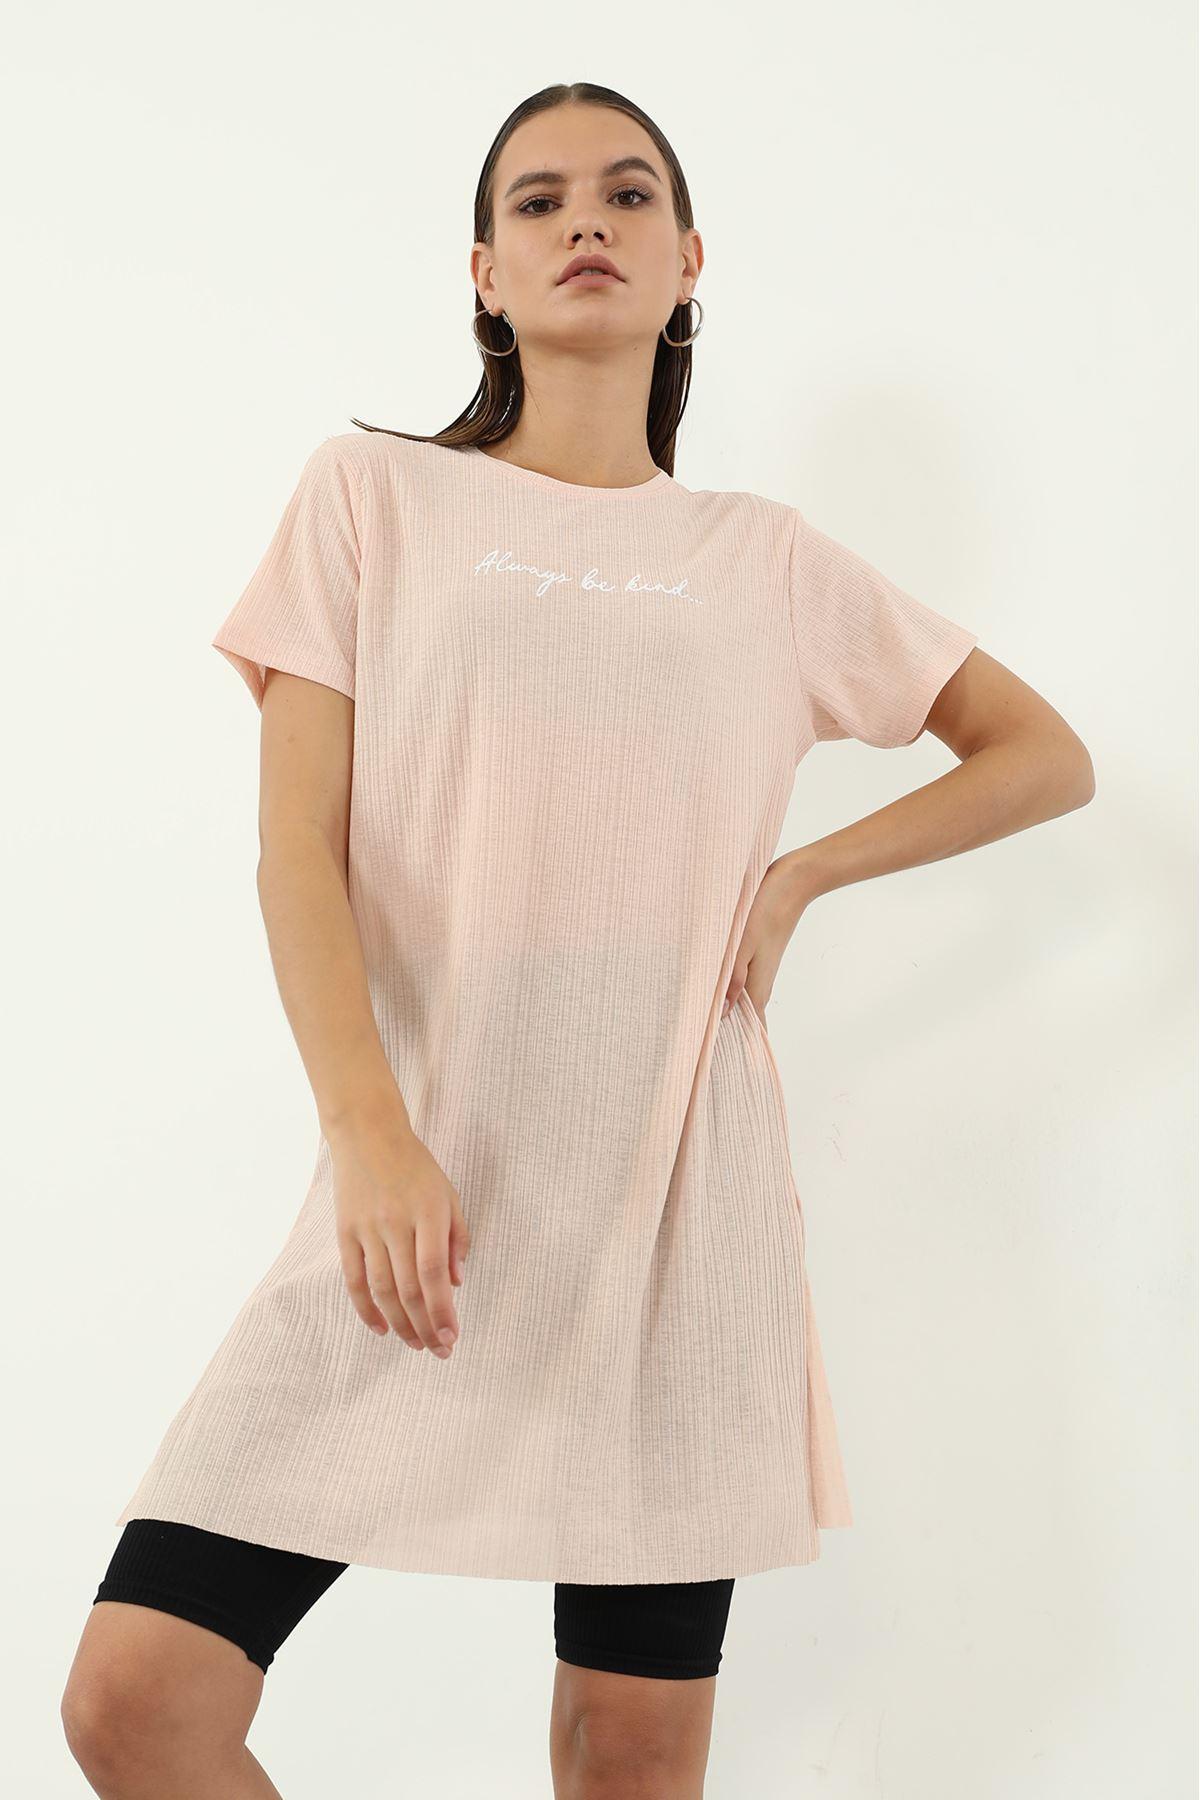 Alwarys Be Kind Baskılı T-shirt-Somon